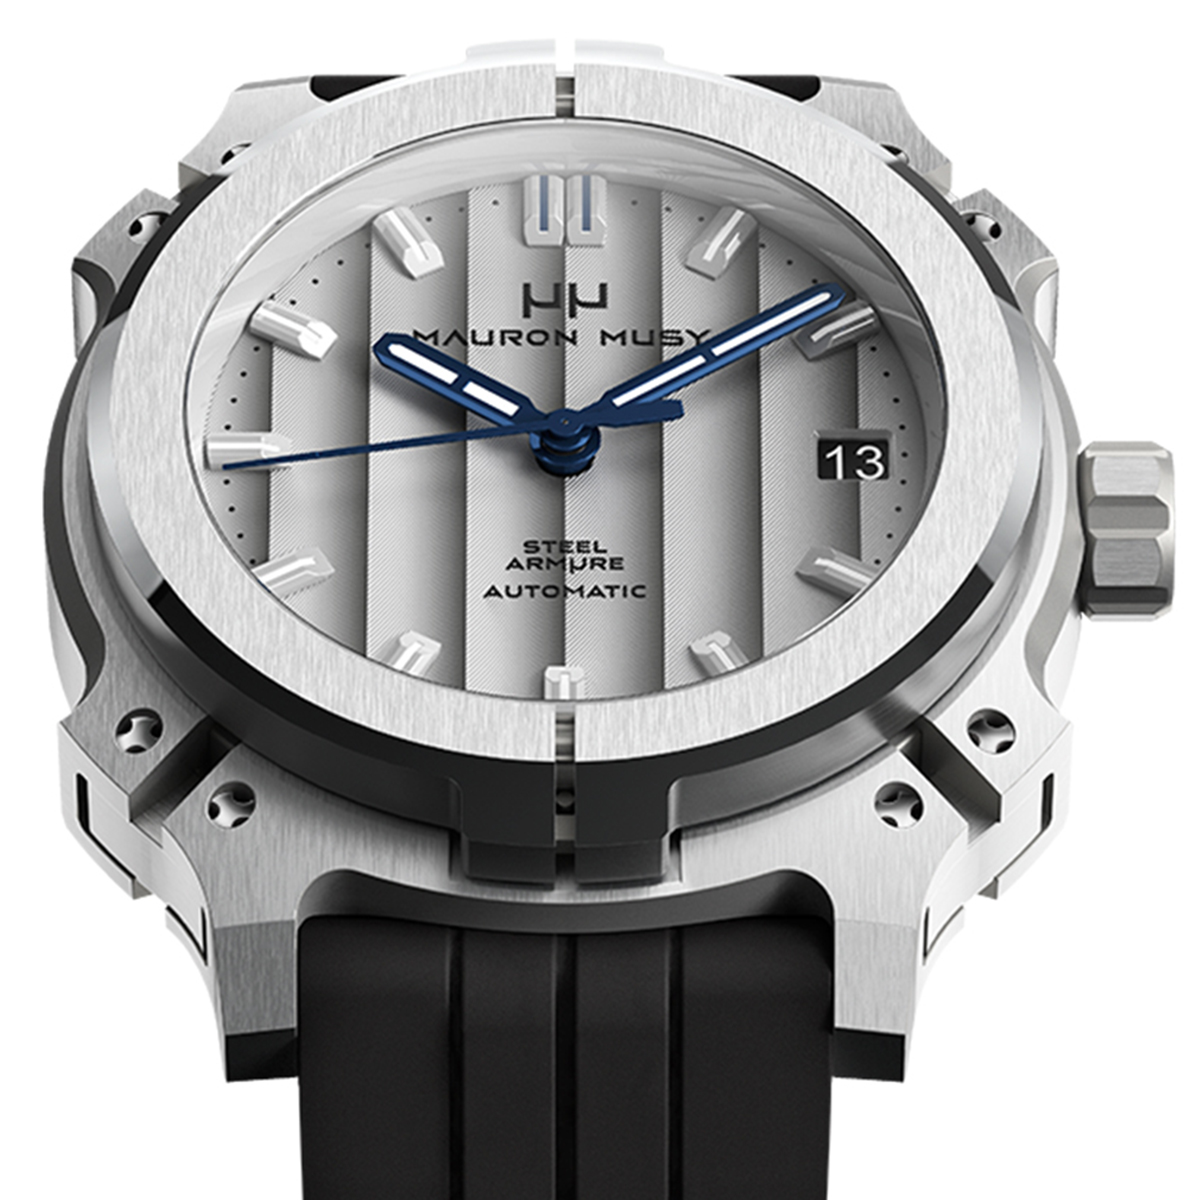 【残り1点】MAURON MUSY モーロン・ミュジー 自動巻き 腕時計 [MU01-203-BlackRubber]  デイト